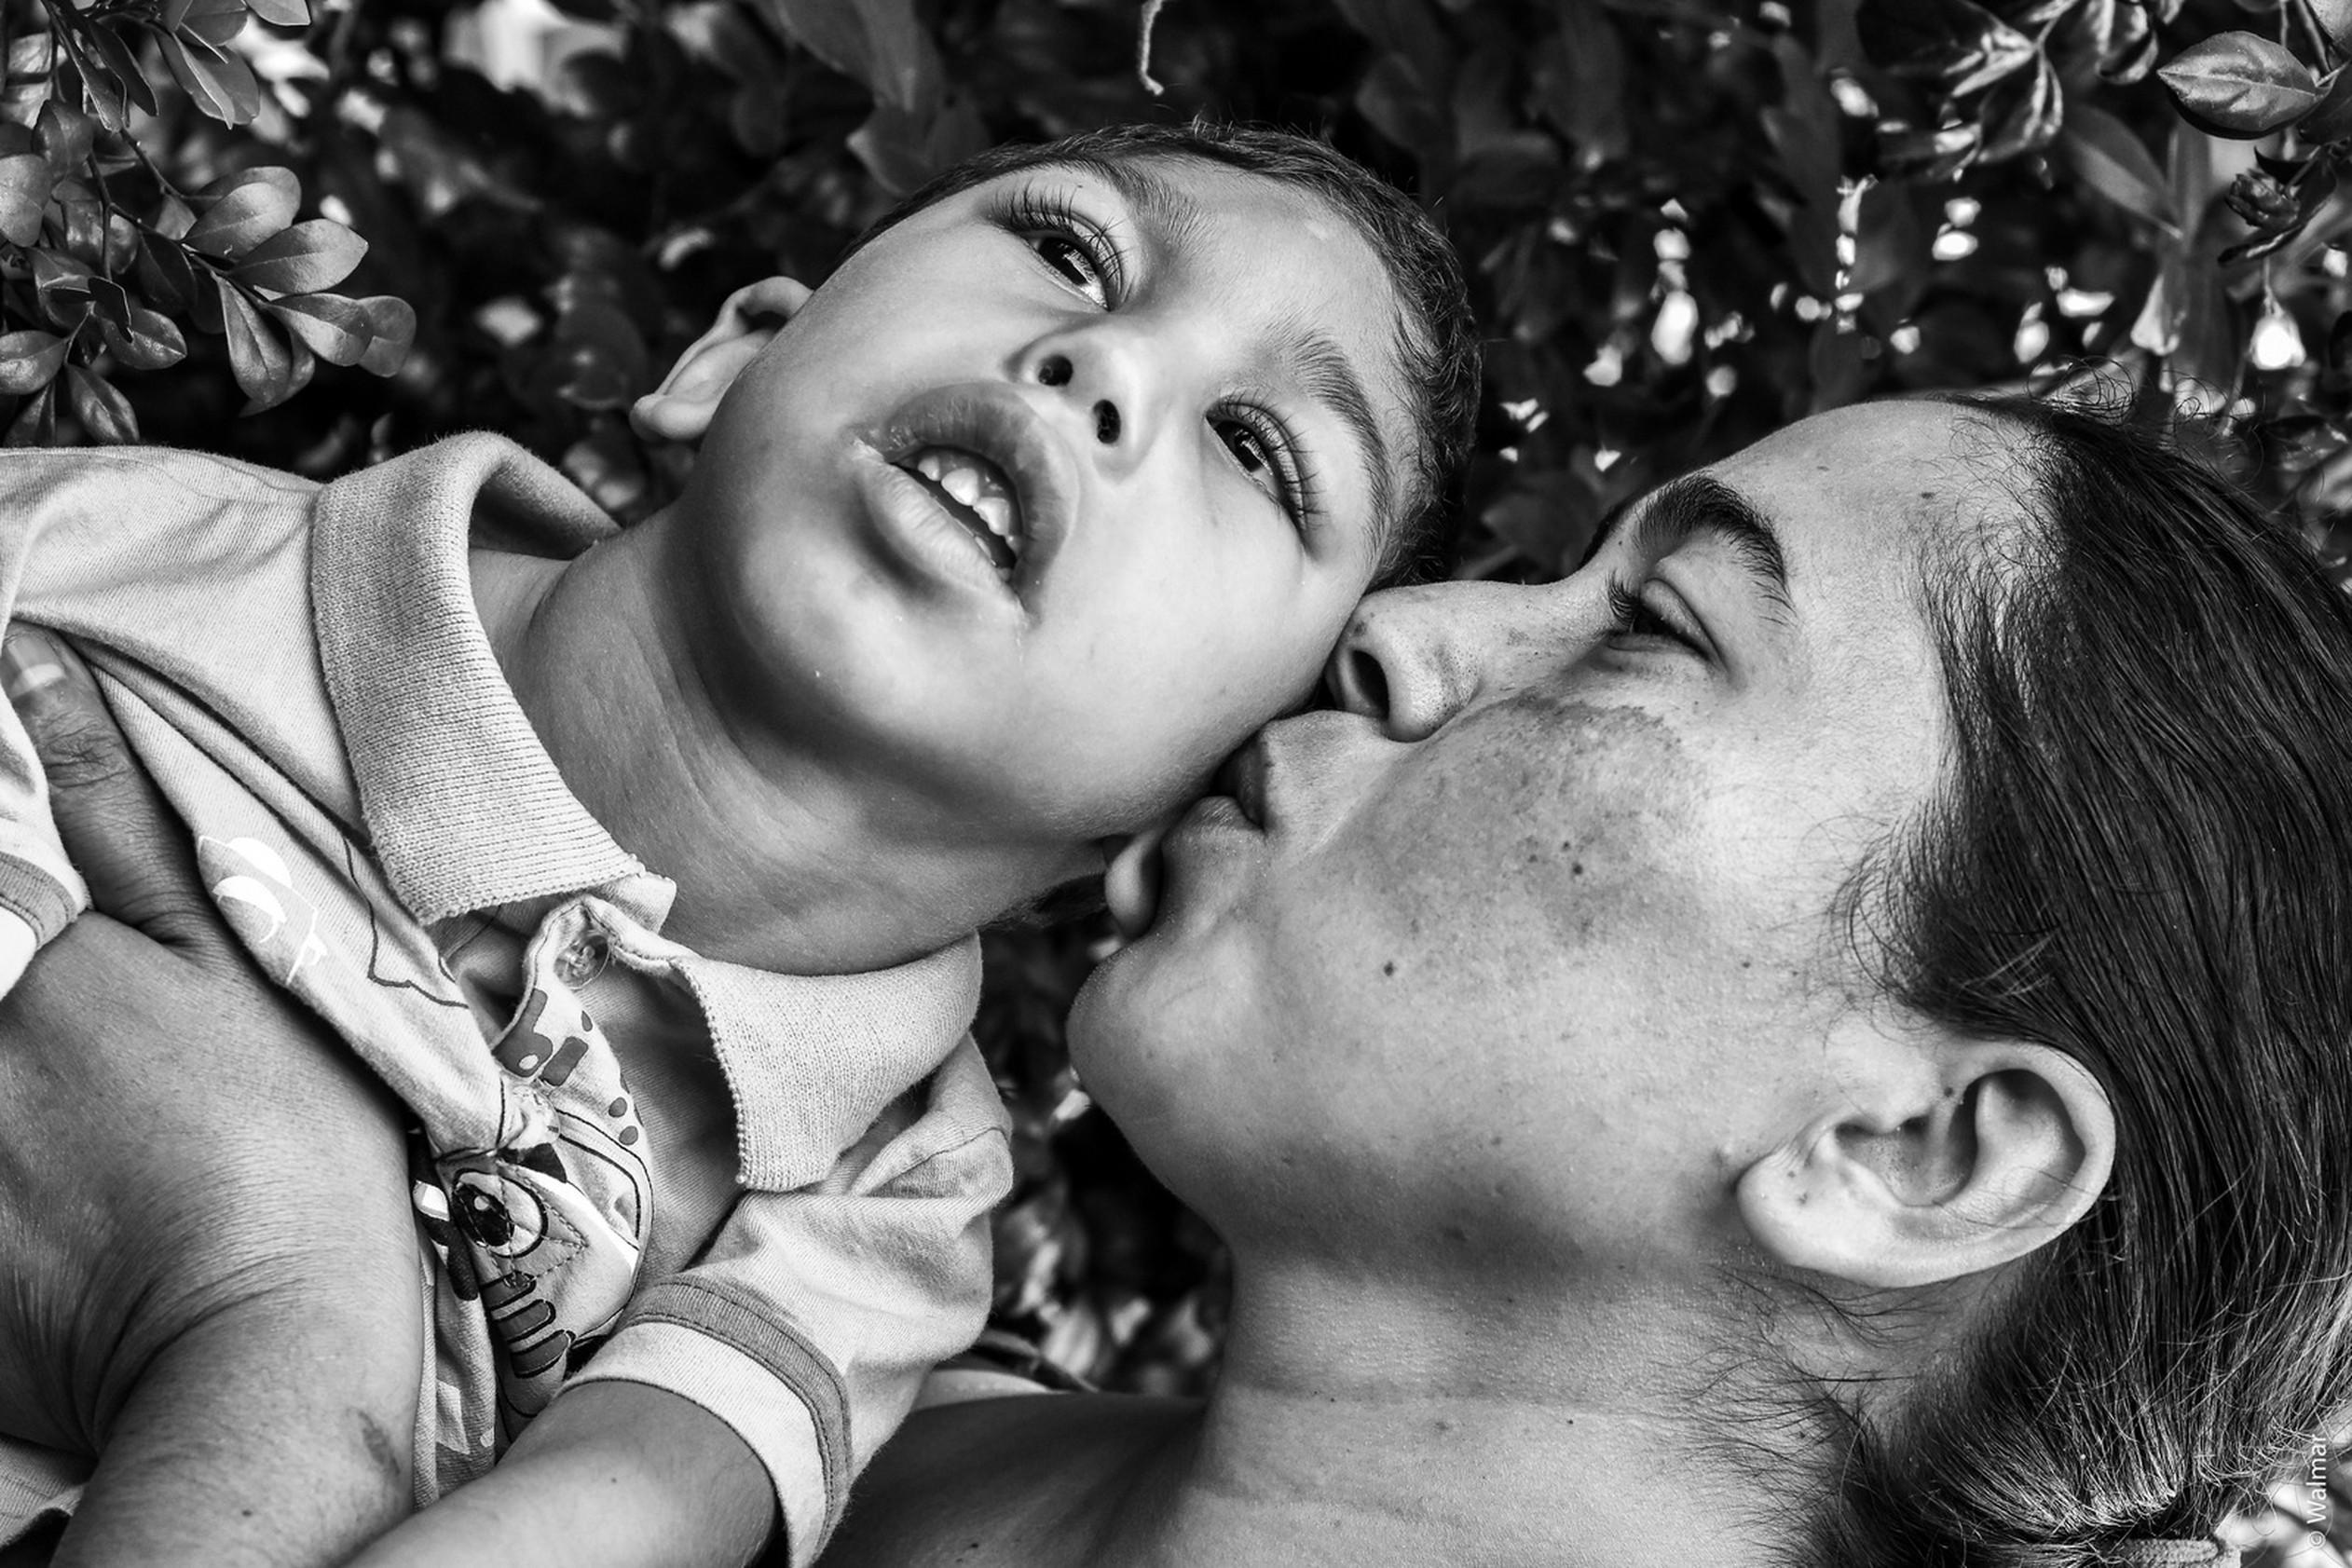 Ensaio fotográfico relação amor pais filhos microcefalia